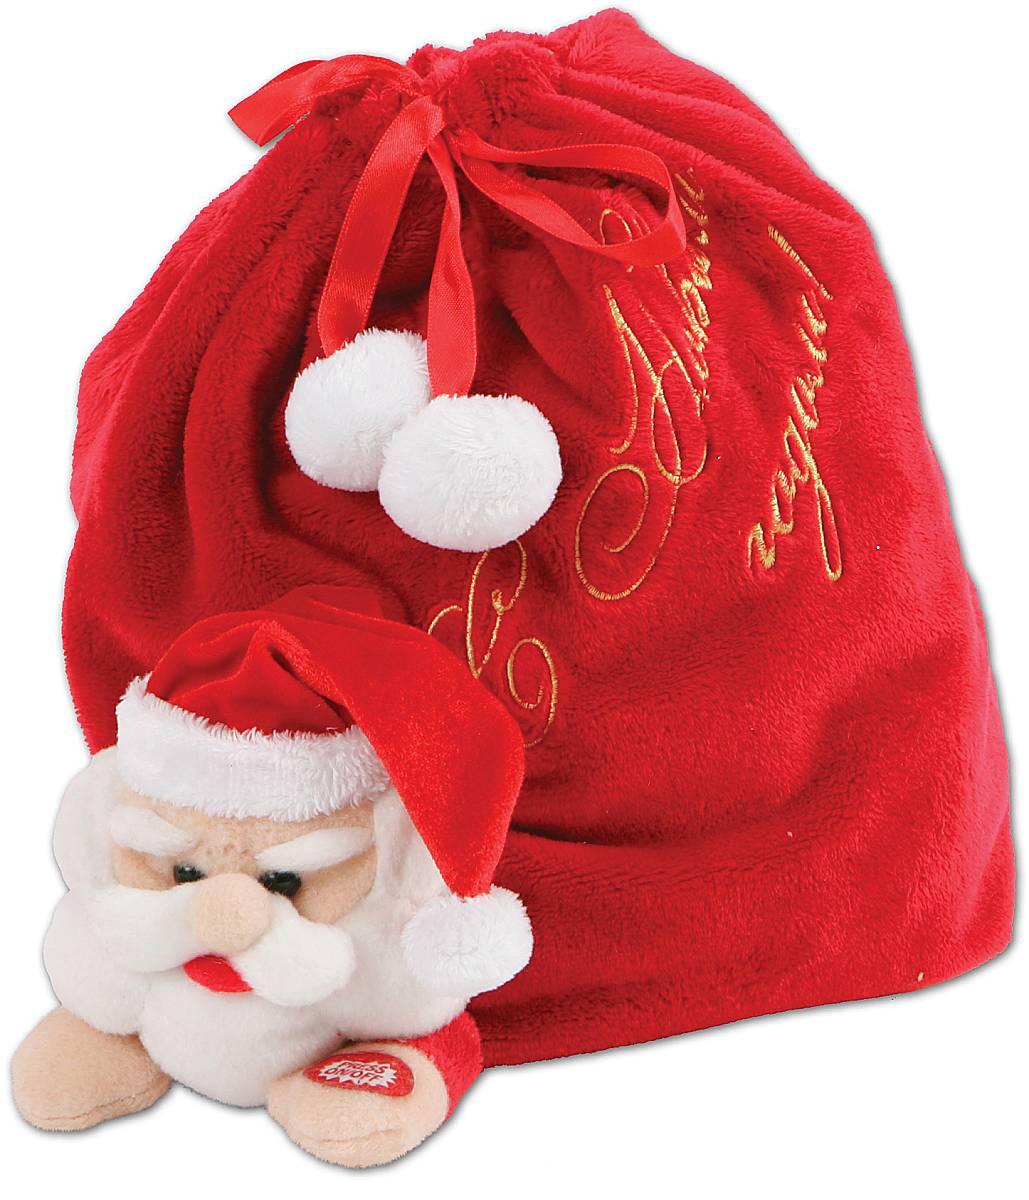 Мешок для подарков Mister Christmas С Новым годом, длина 22 смC0038550Купили новогодний подарок, но не знаете, как его упаковать? Оригинальной упаковкой станет новогодний музыкальный мешок для подарков Mister Christmas С Новым годом. Он уже выглядит как подарок благодаря своей функциональности. Он представляет собой композицию: Дед Мороз, который несет огромный мешок с подарками. А если пожать руку Дедушке Морозу, то он начнет издавать забавные звуки. Музыкальный мешок сделан из качественного мягкого текстиля красного цвета, очень приятного на ощупь. Закрывается при помощи атласных тесемок, украшенных белыми пушистыми помпонами. Он напоминает плюшевую игрушку. Новогодний музыкальный мешок для подарков Mister Christmas подойдет для упаковки небольших символических или весьма дорогих сюрпризов. Получить подарок в такой уникальной и модной упаковке будет приятно как детям, так и взрослым. Никто не останется равнодушным и каждый обязательно будет тронут таким знаком внимания.